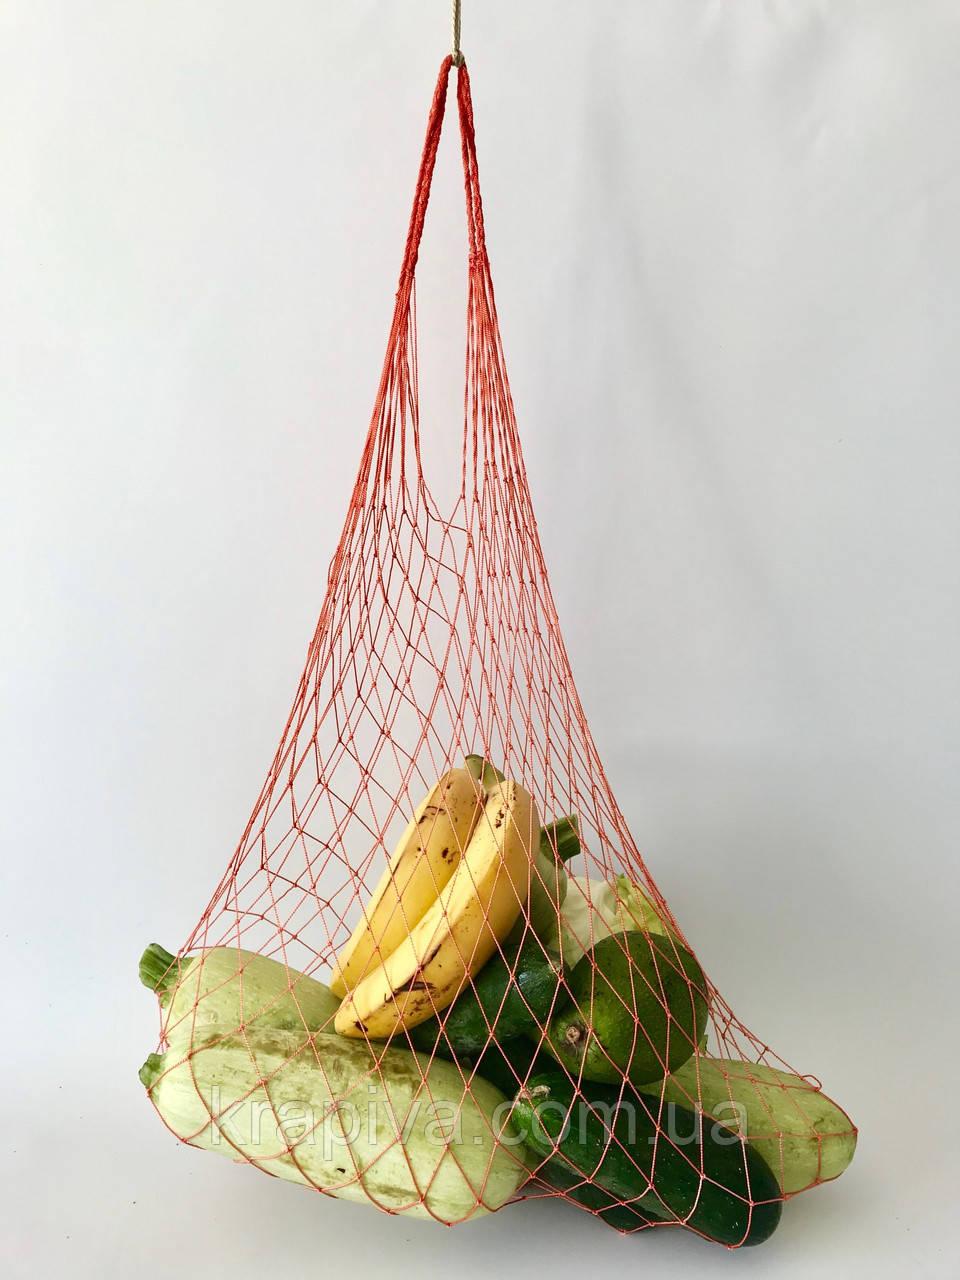 Эко-сумка большая, экосумка для покупок, торба шопер хлопок, авоська, экомешок